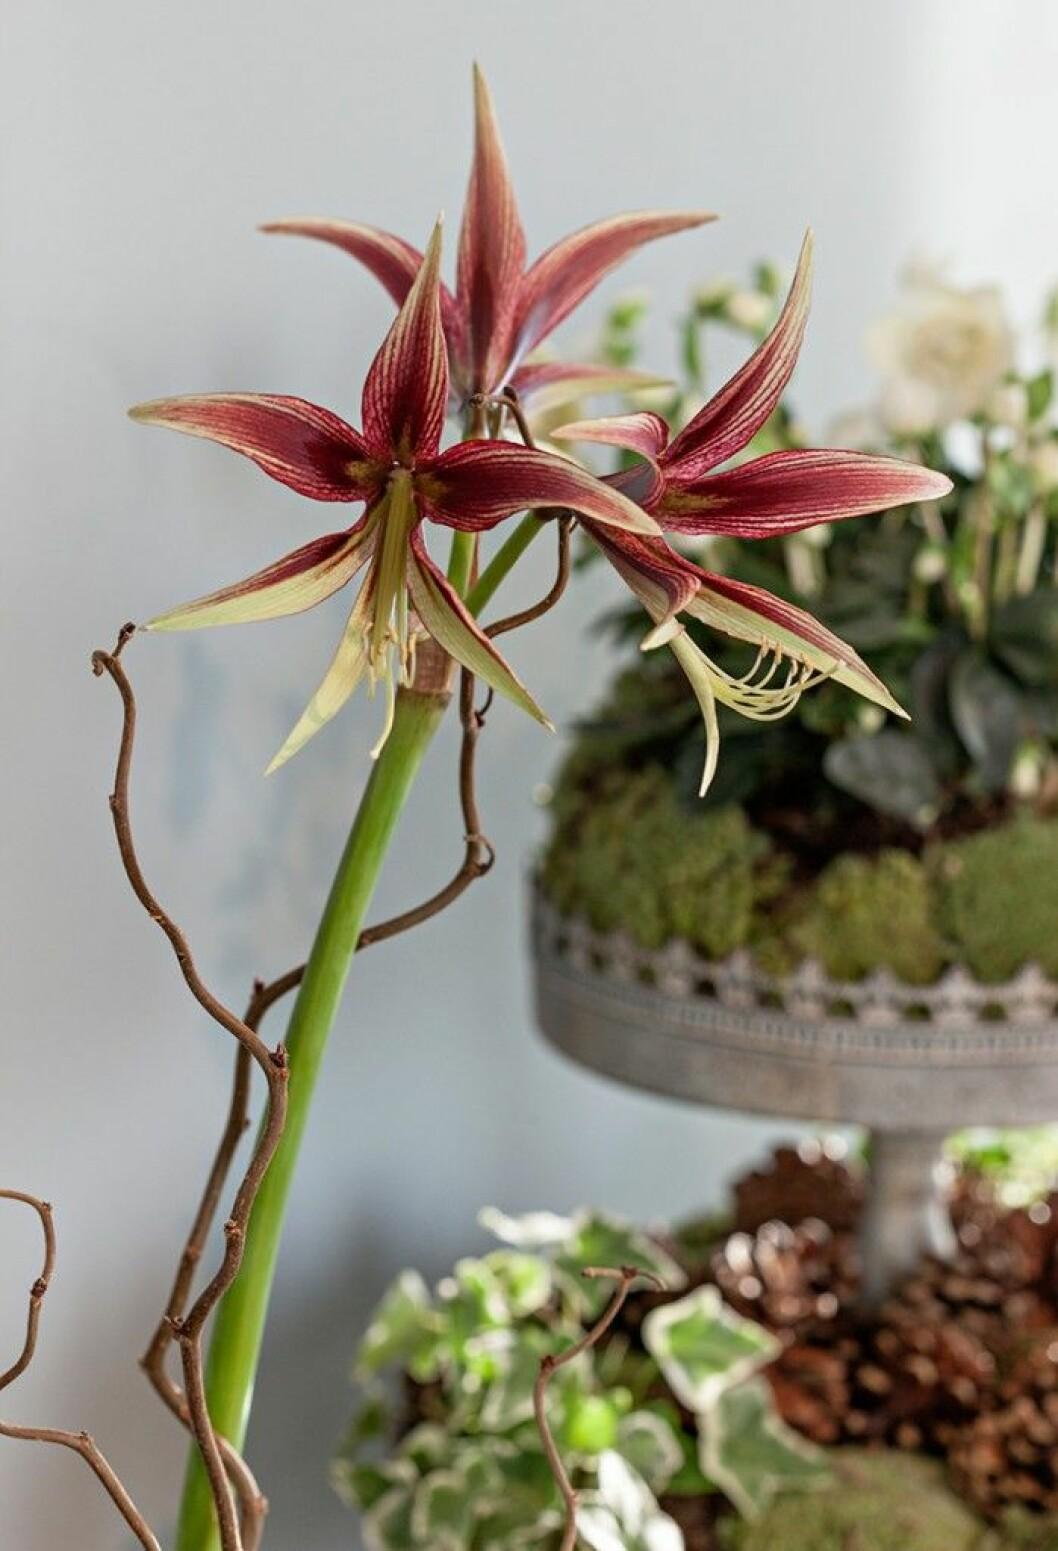 Smala kronblad. Spindelamaryllisen är härlig med sina smäckra tvåfärgade kronblad.